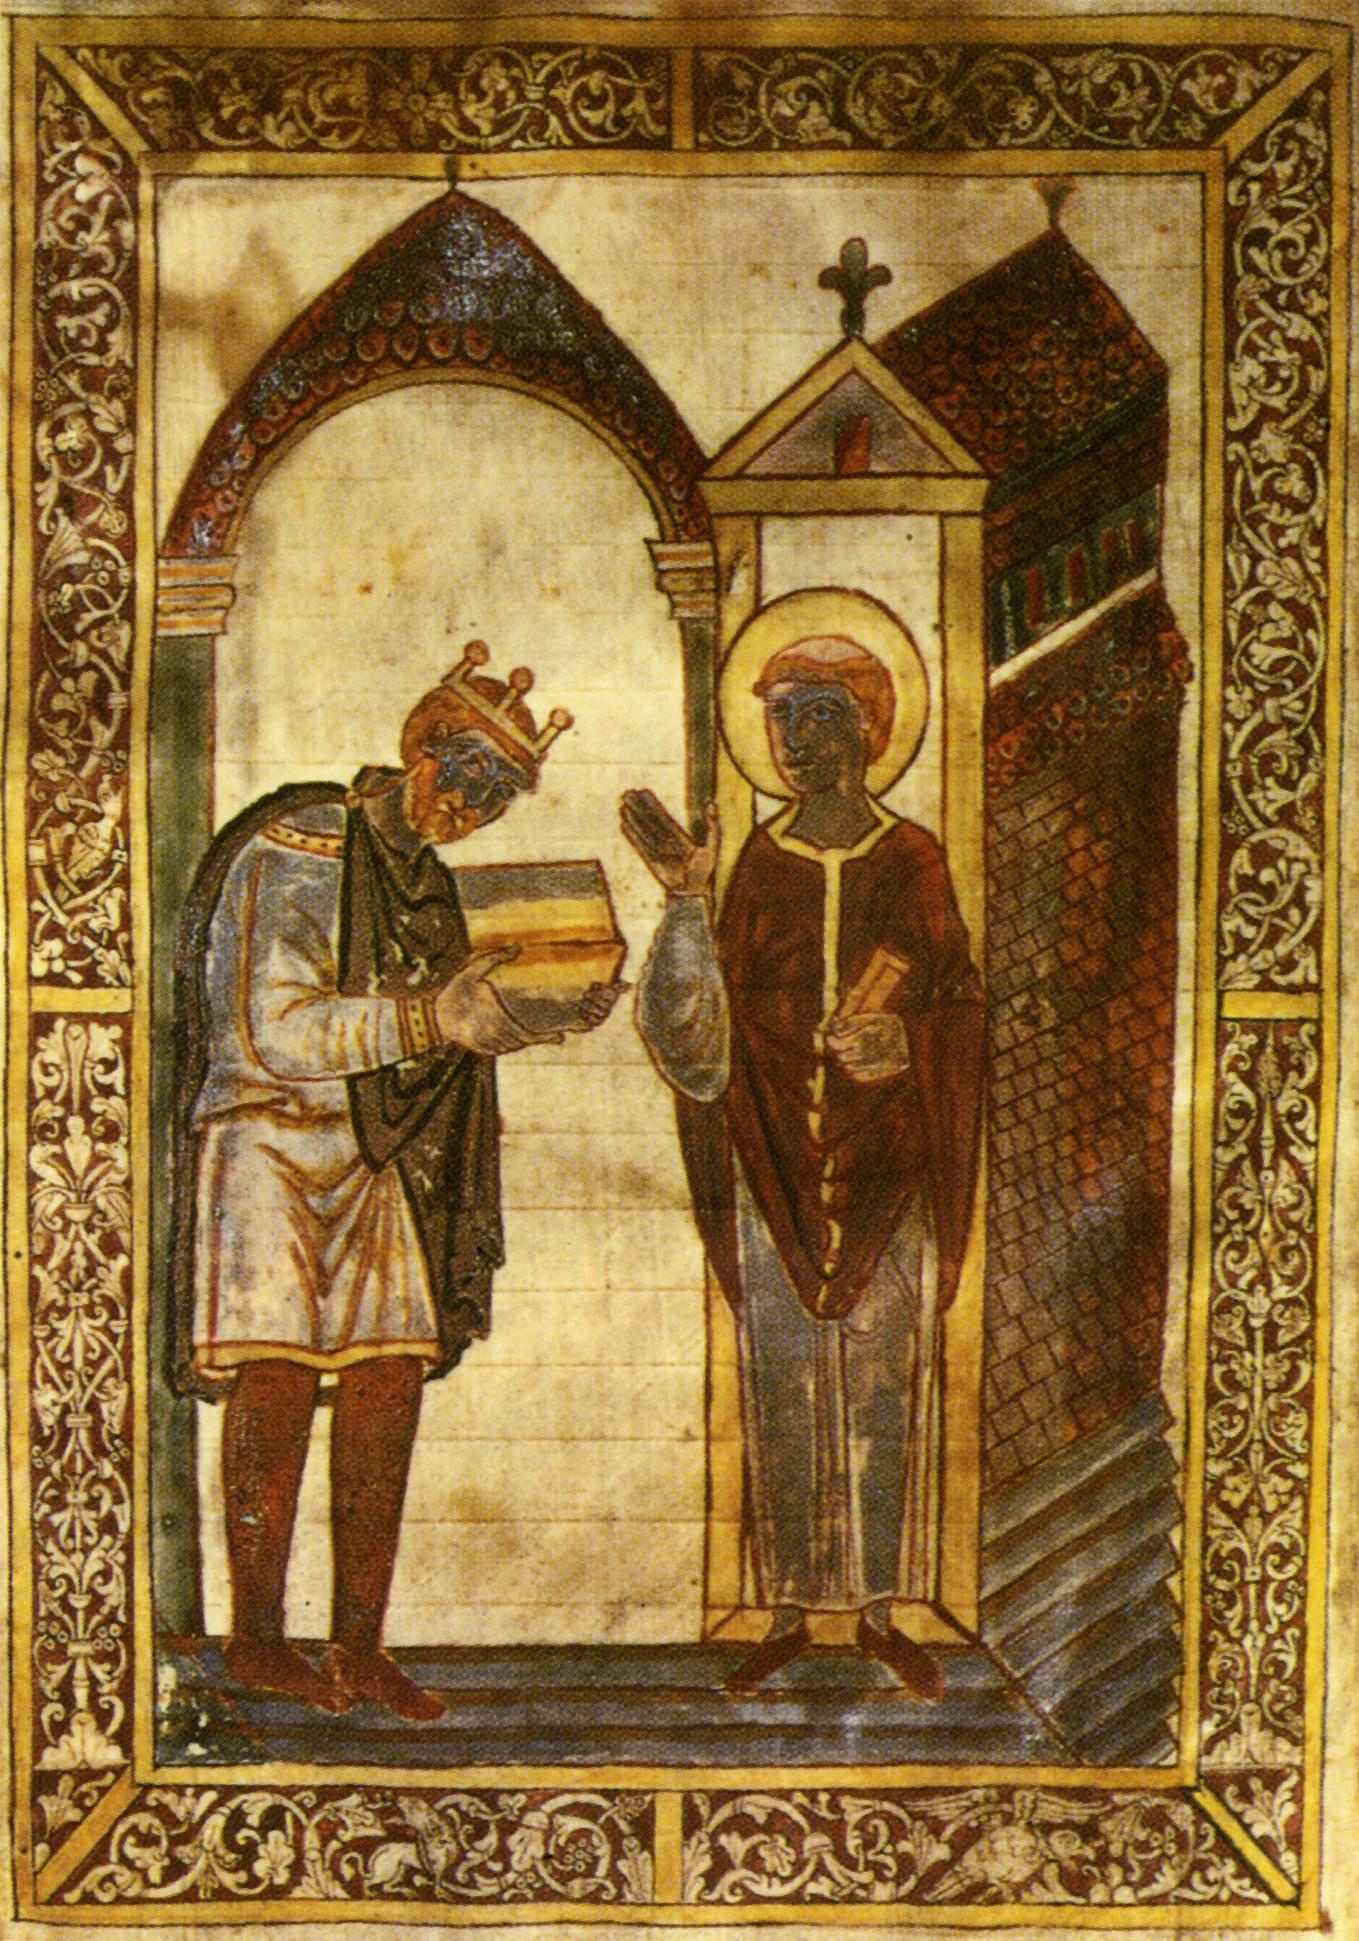 Athelstan şi Sf. Cuthbert (sec. 9)